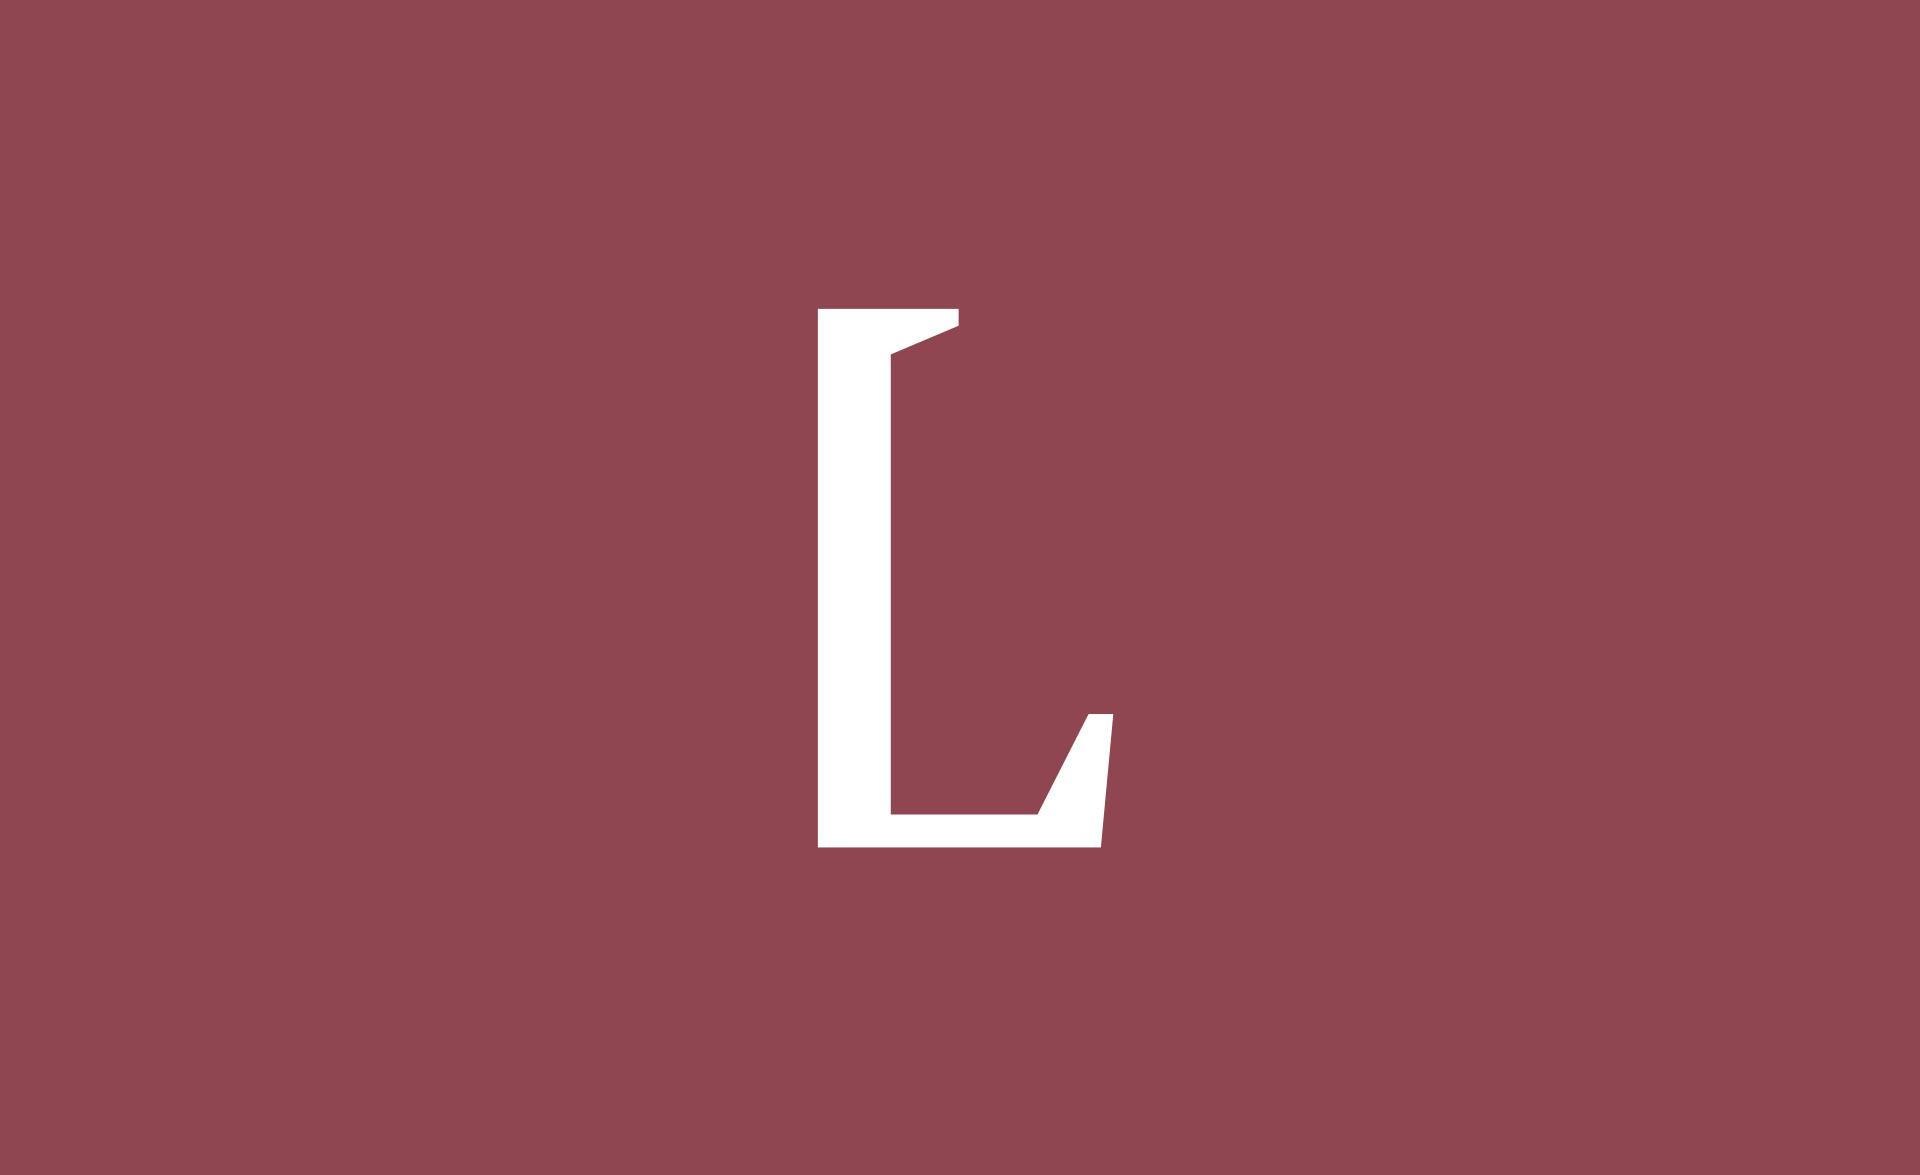 sall-hyman-logo-detail-1.jpg